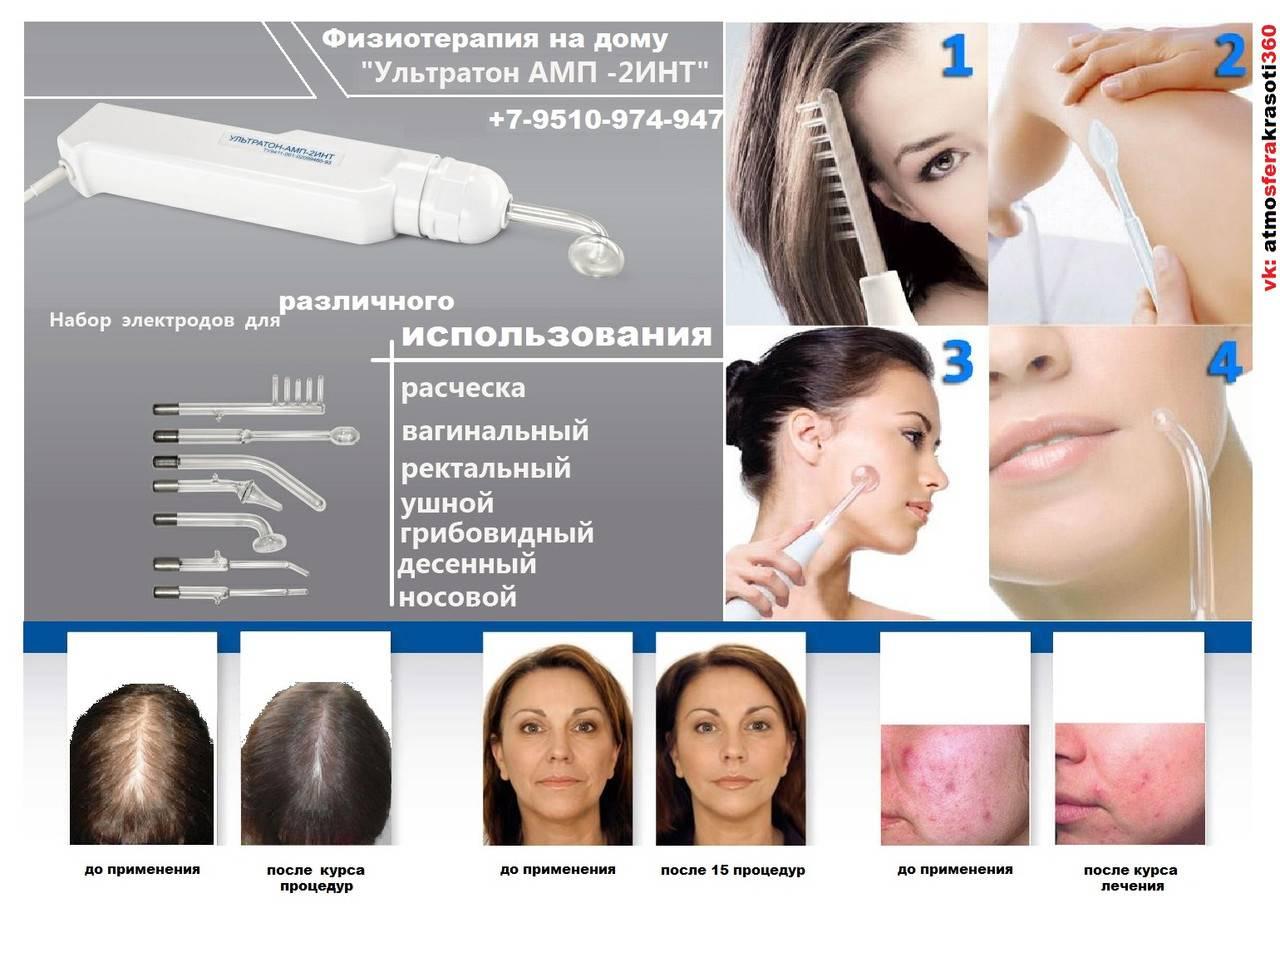 Используем дарсонваль для волос — описание и применение